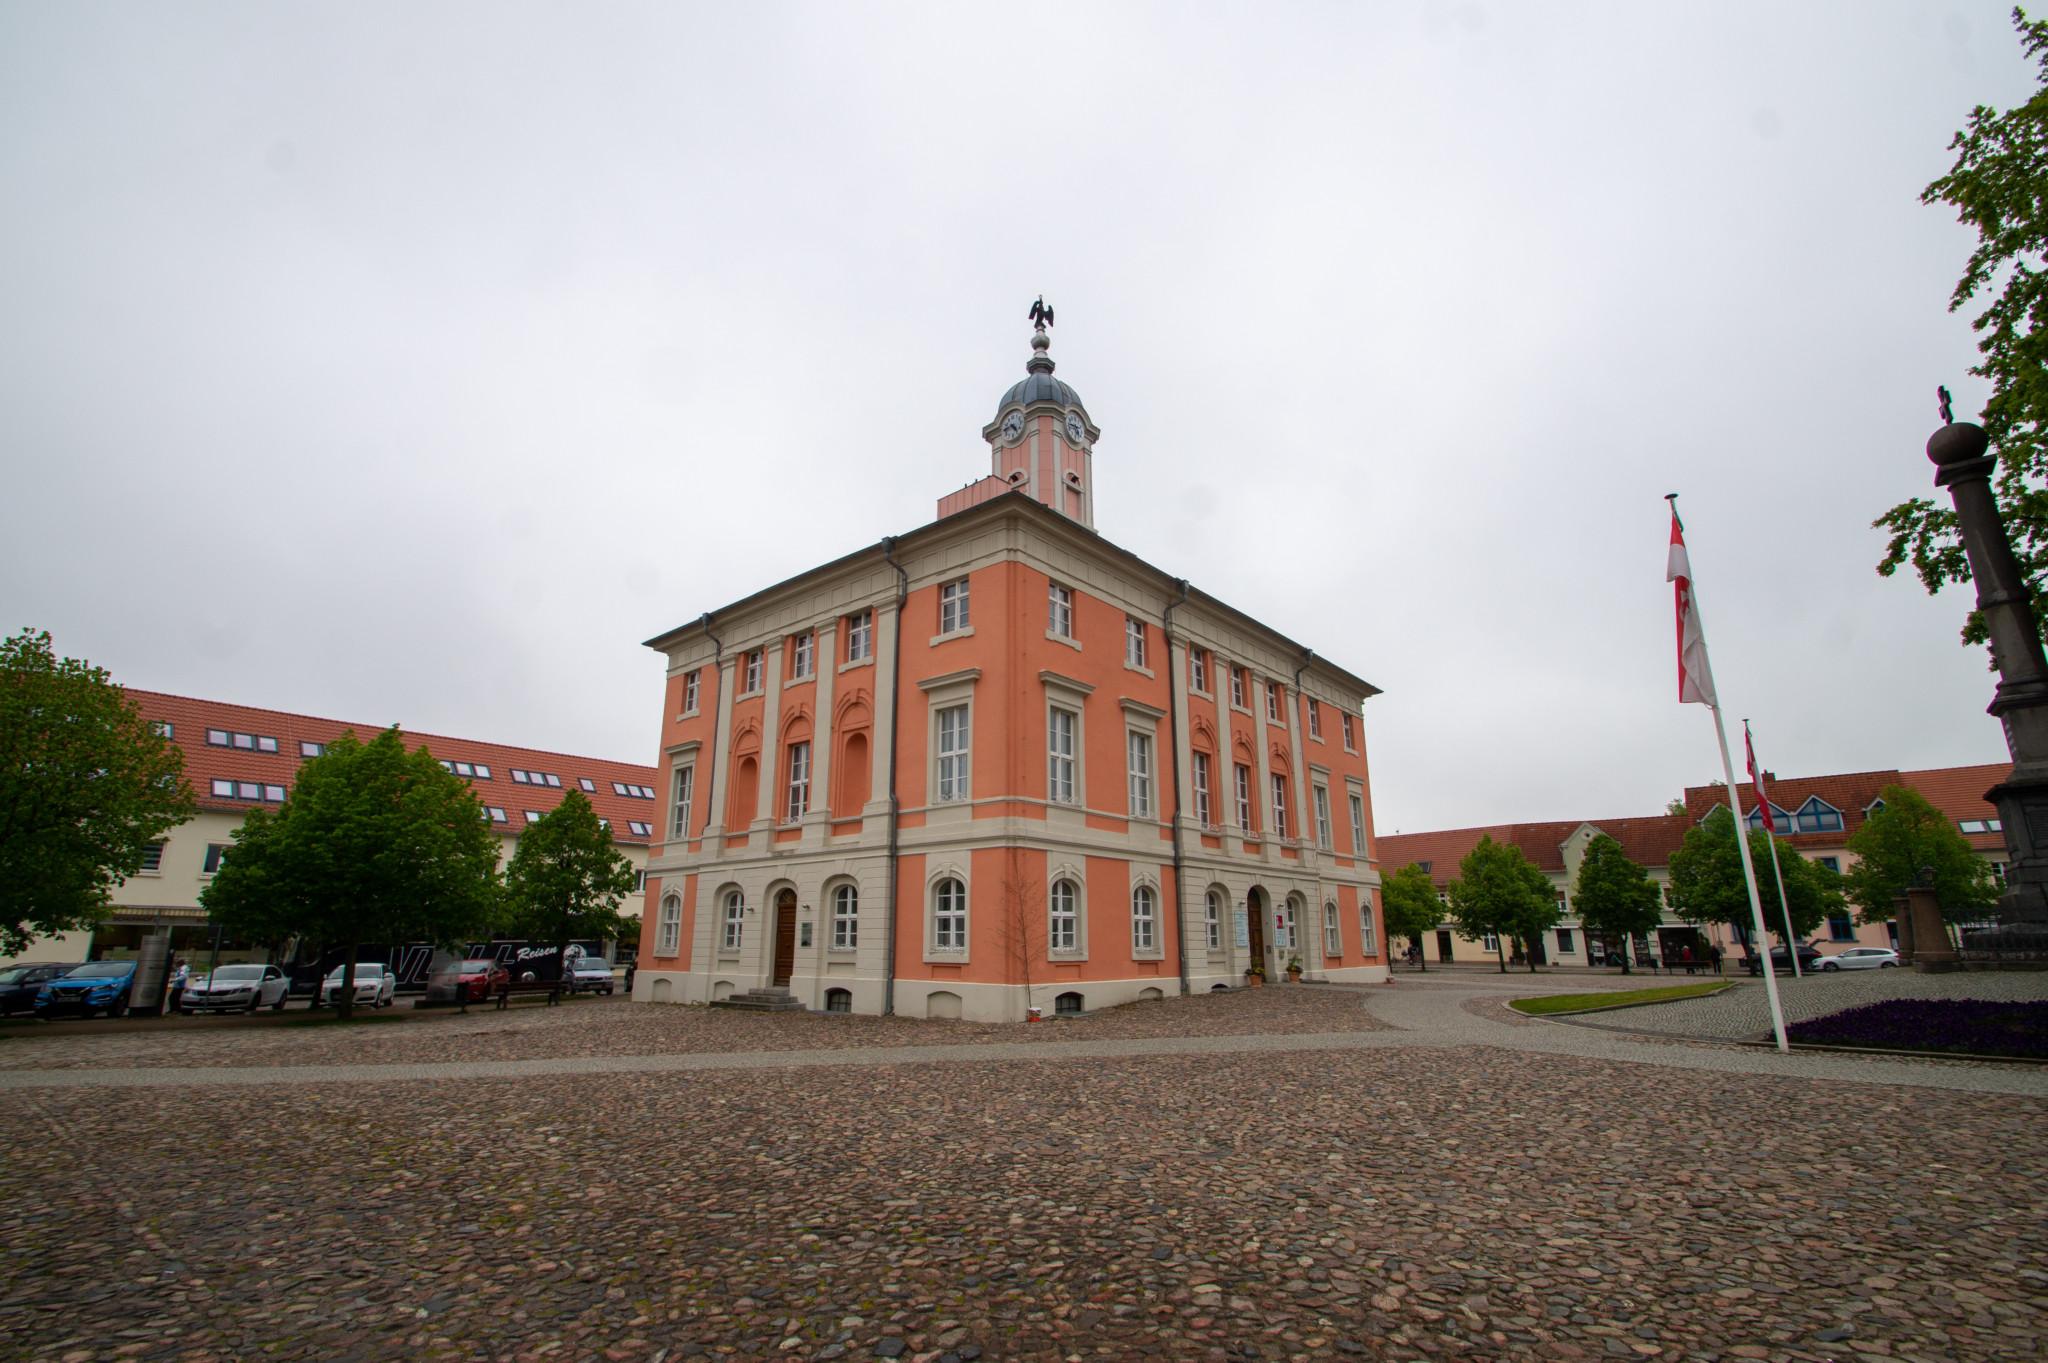 Zu den Städten in Brandenburg gehört auch Templin